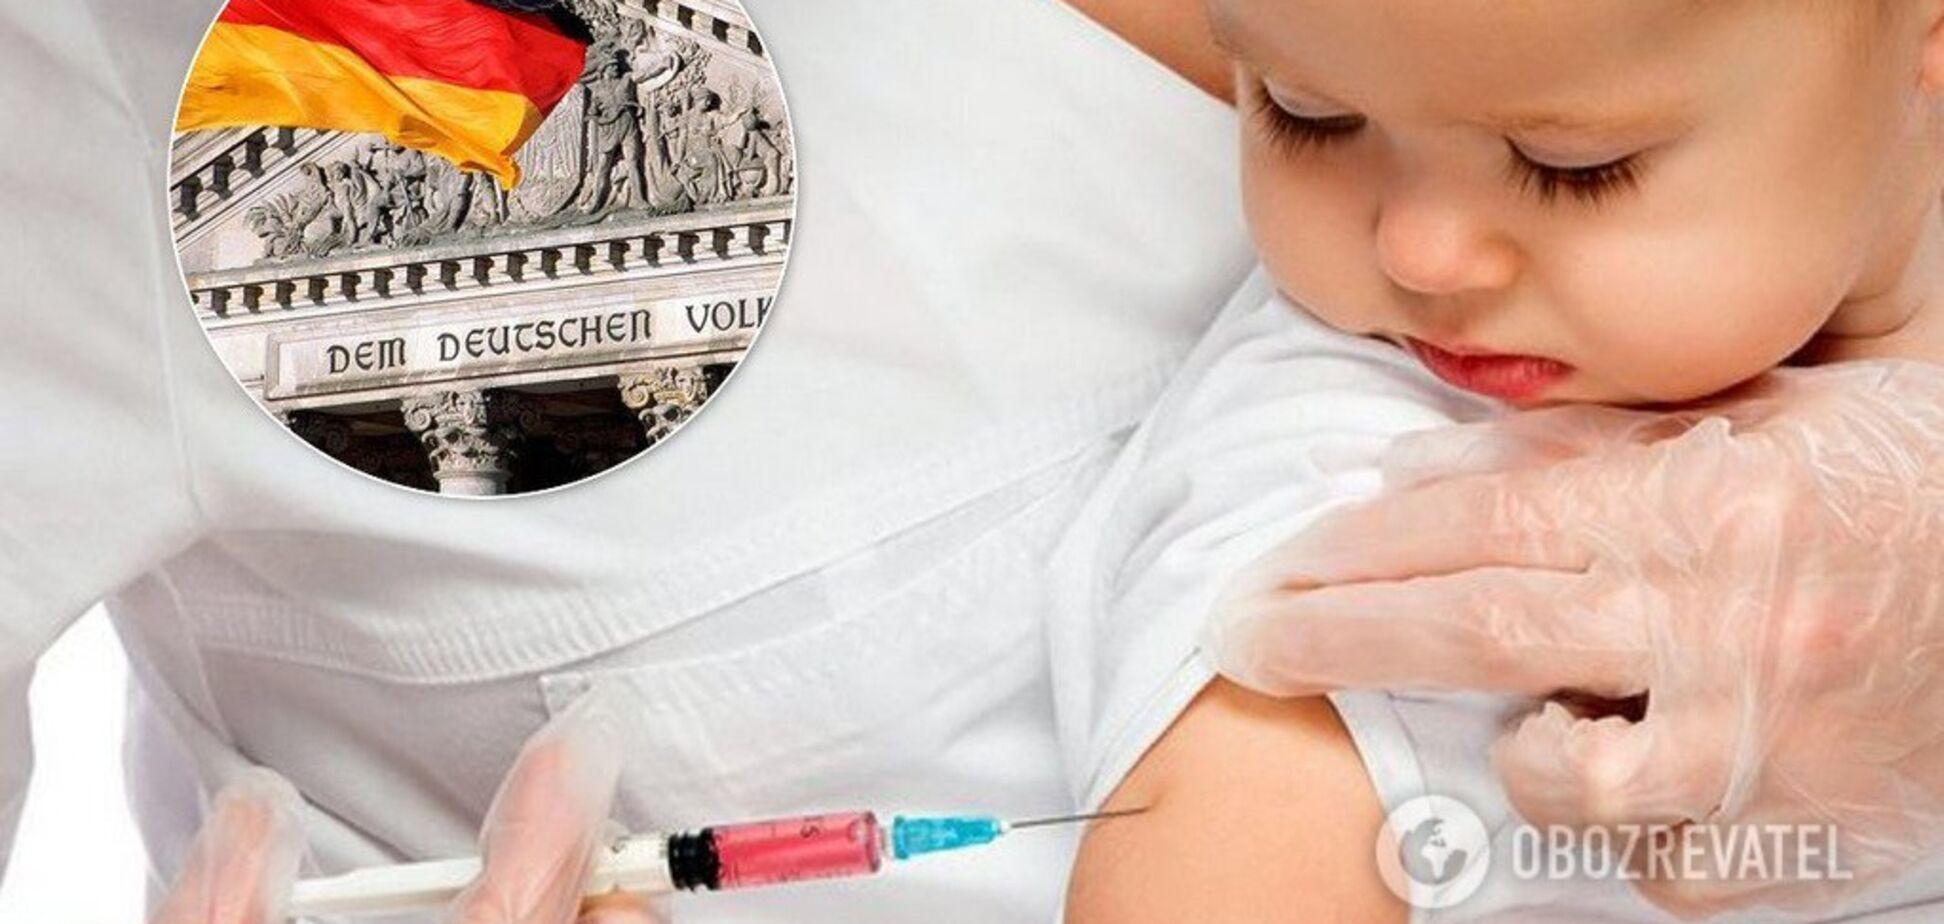 Німеччина встановила штраф за відмову від вакцинації